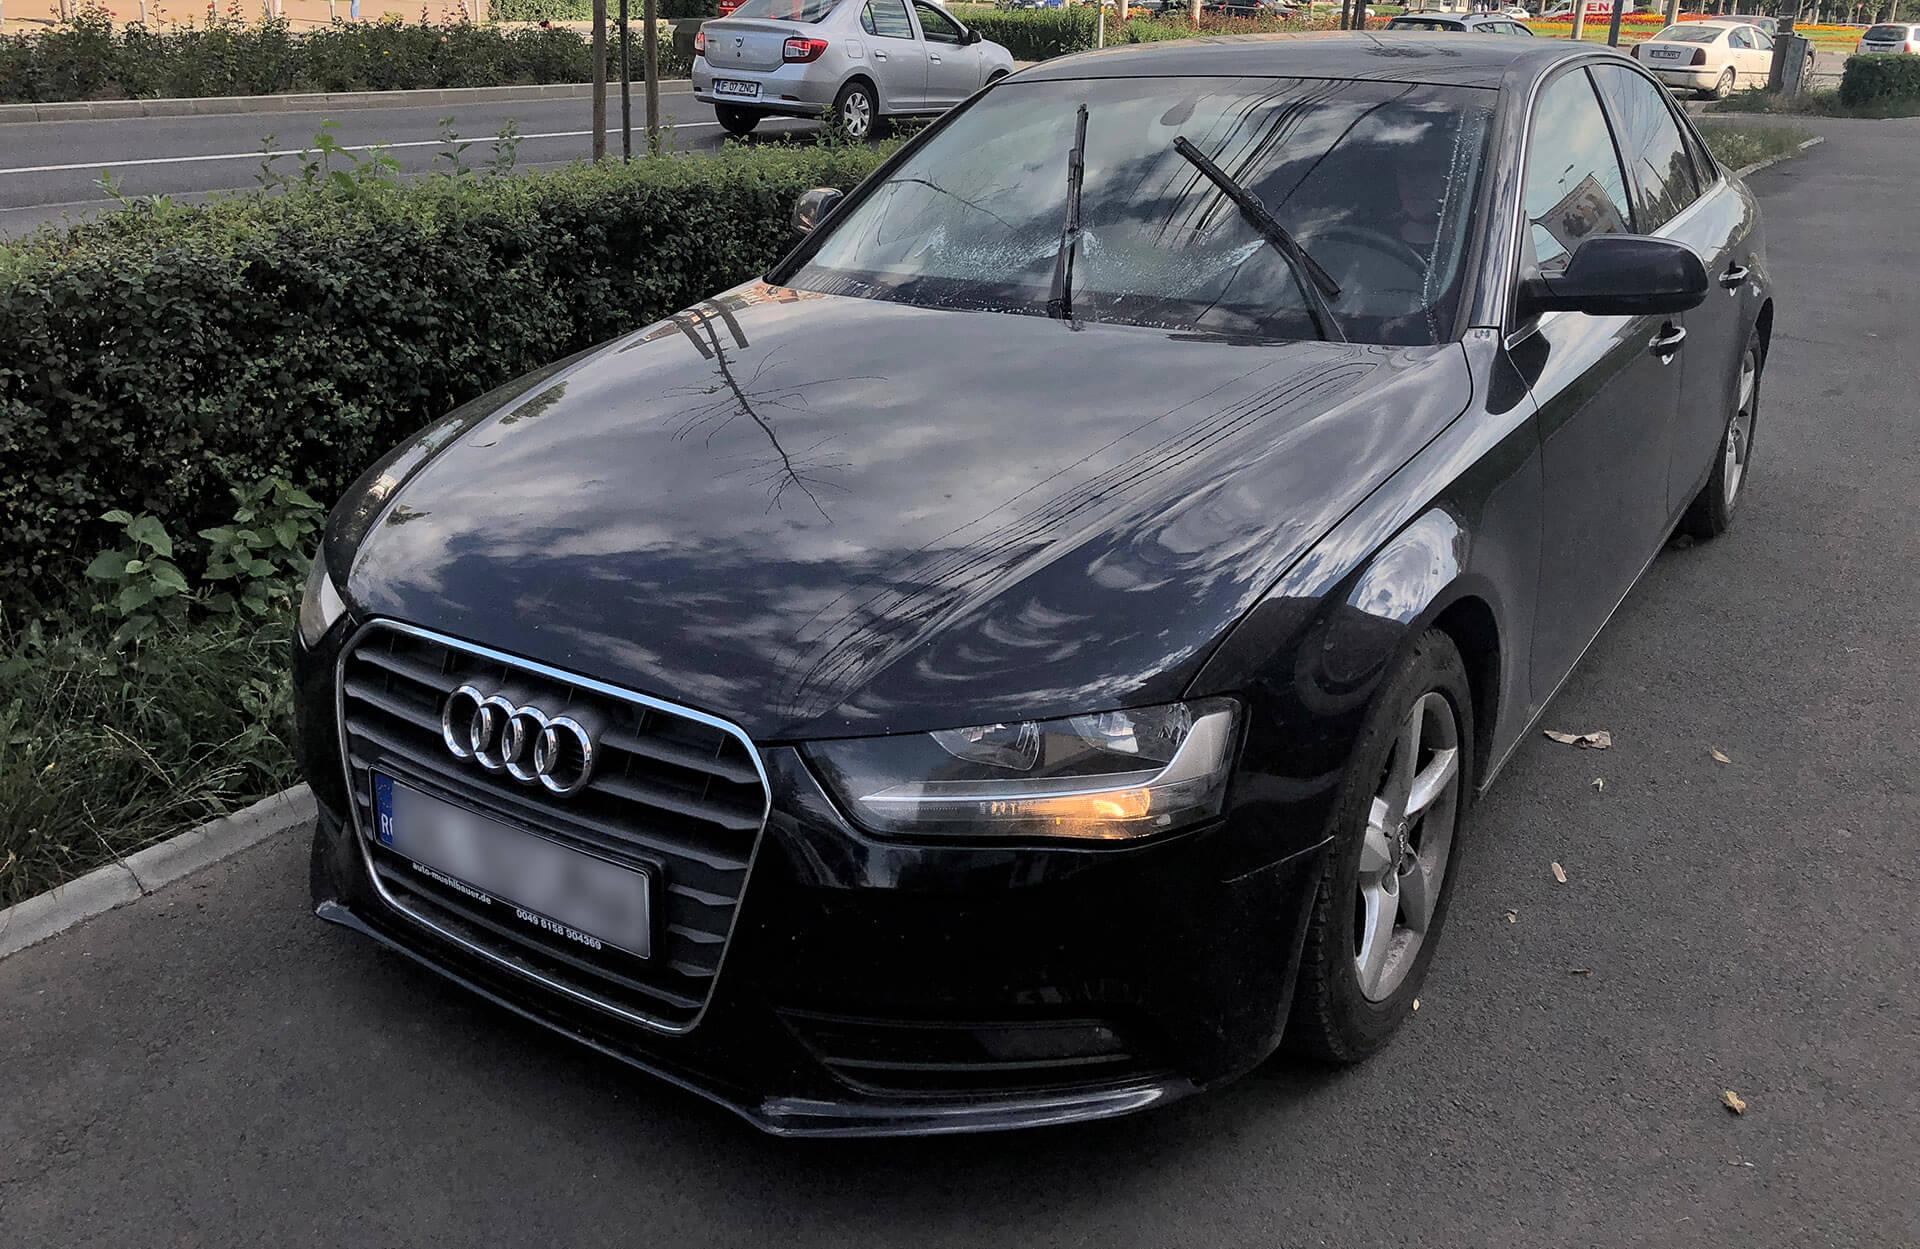 Stropitori parbriz tip perdea, pe Audi A4 și Audi A3